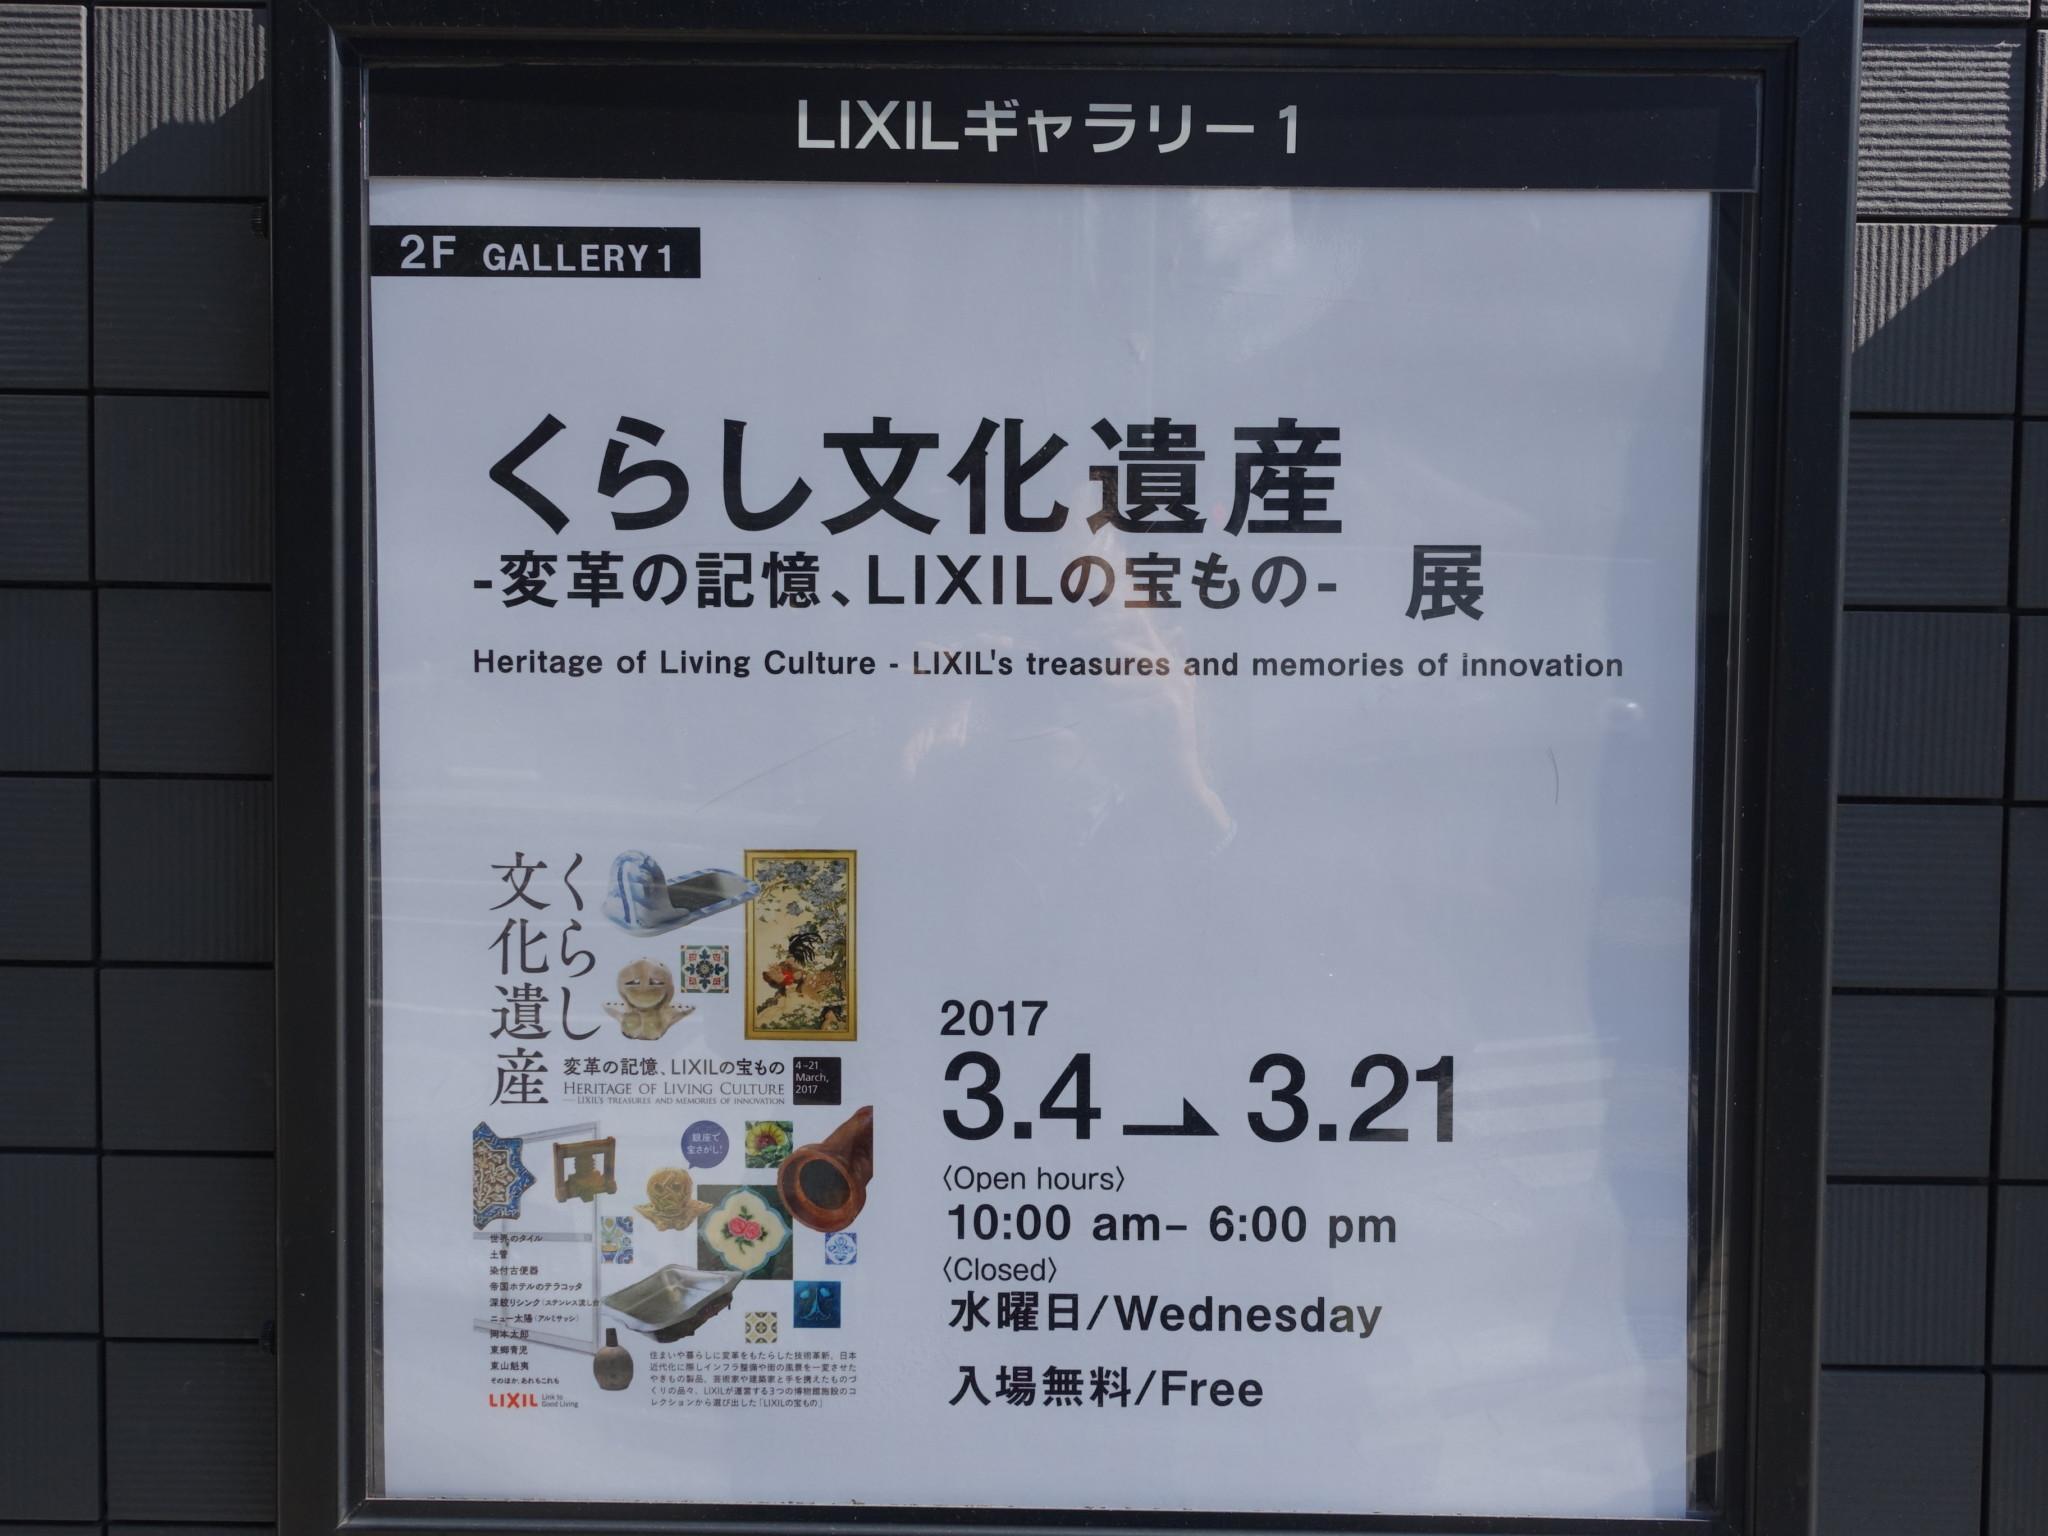 くらし文化遺産 -変革の記憶、LIXILの宝もの-